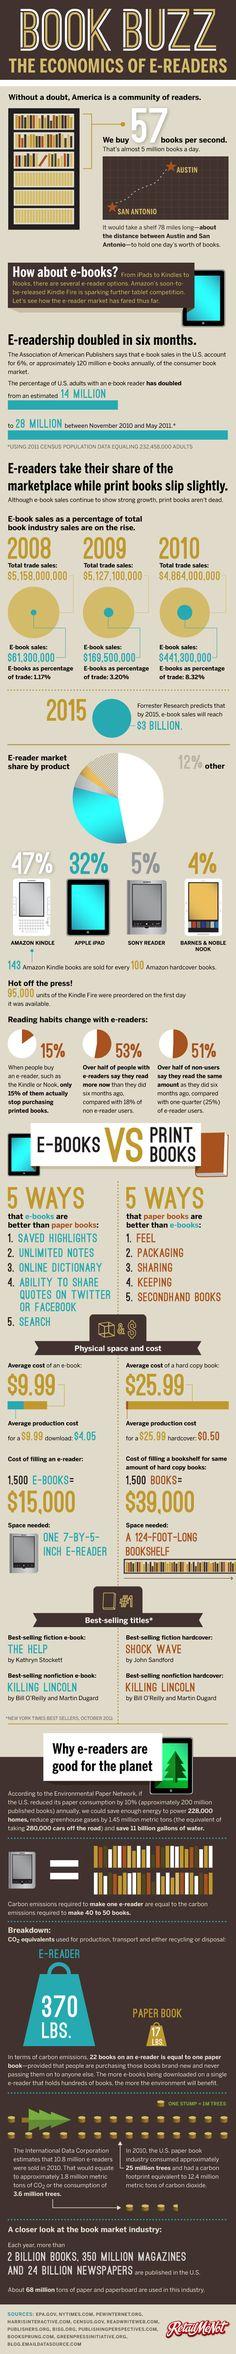 """Book buzz, """"The economics of e-readers"""". ebook vs print books"""